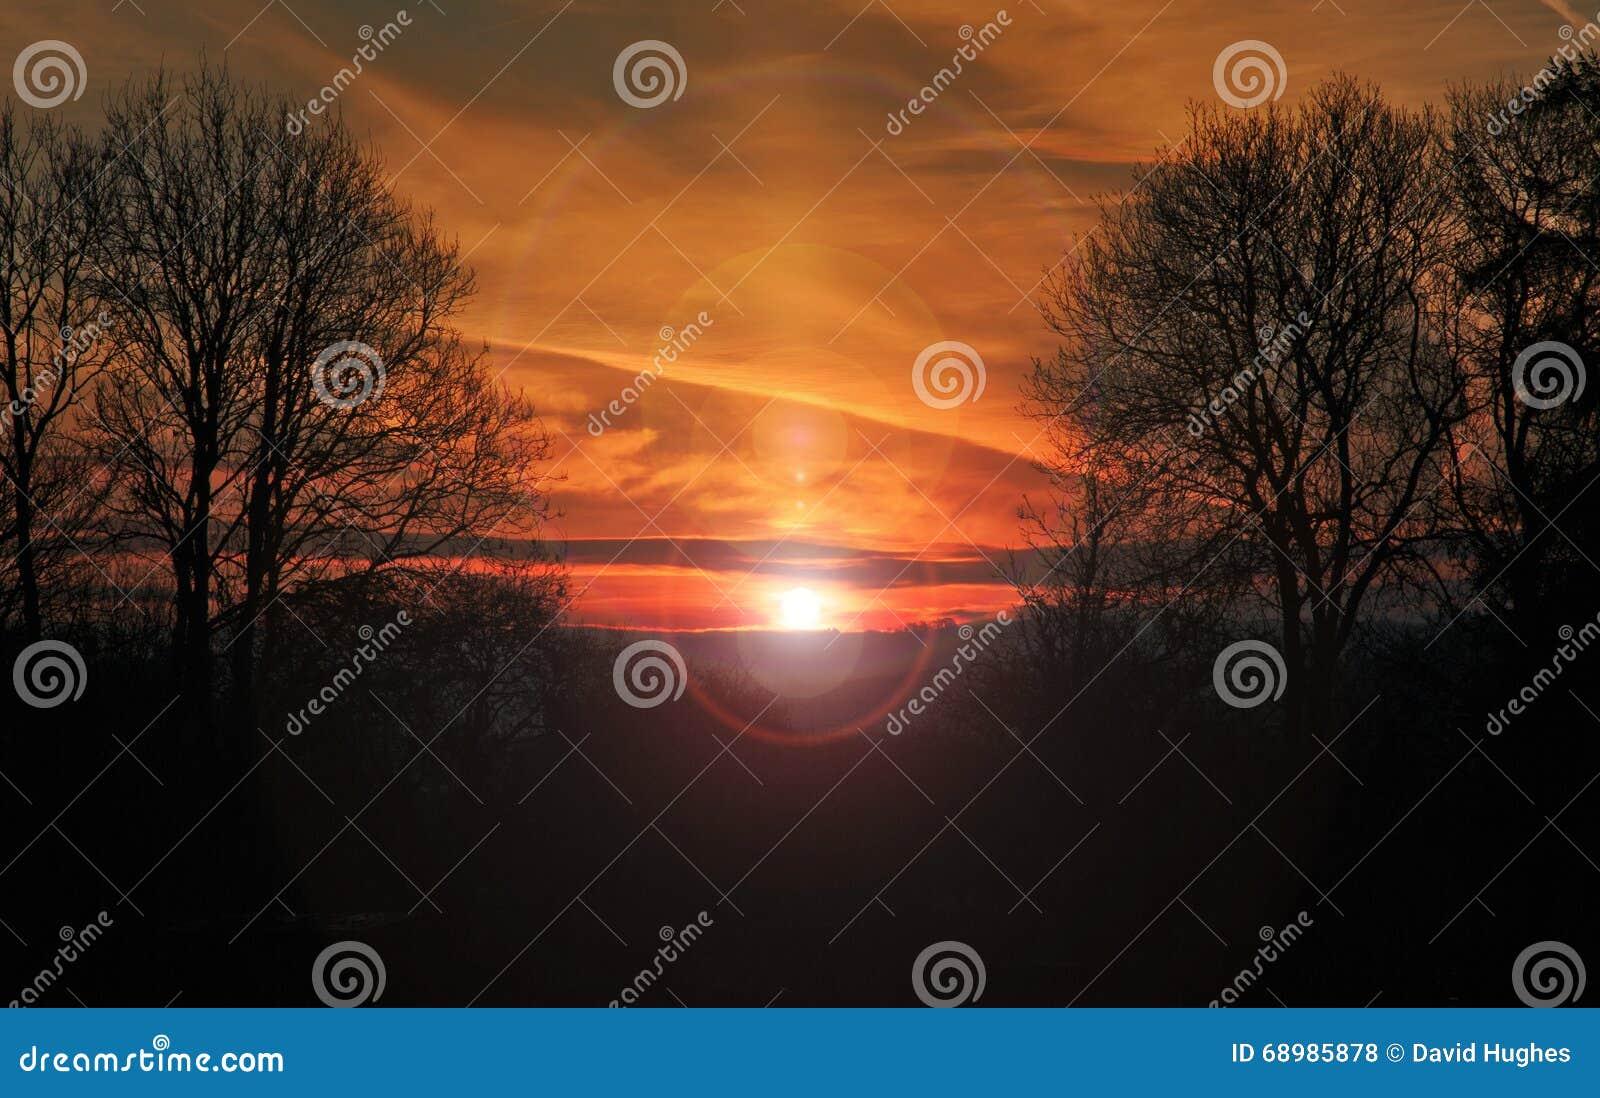 Tawny Sunrise a través de árboles